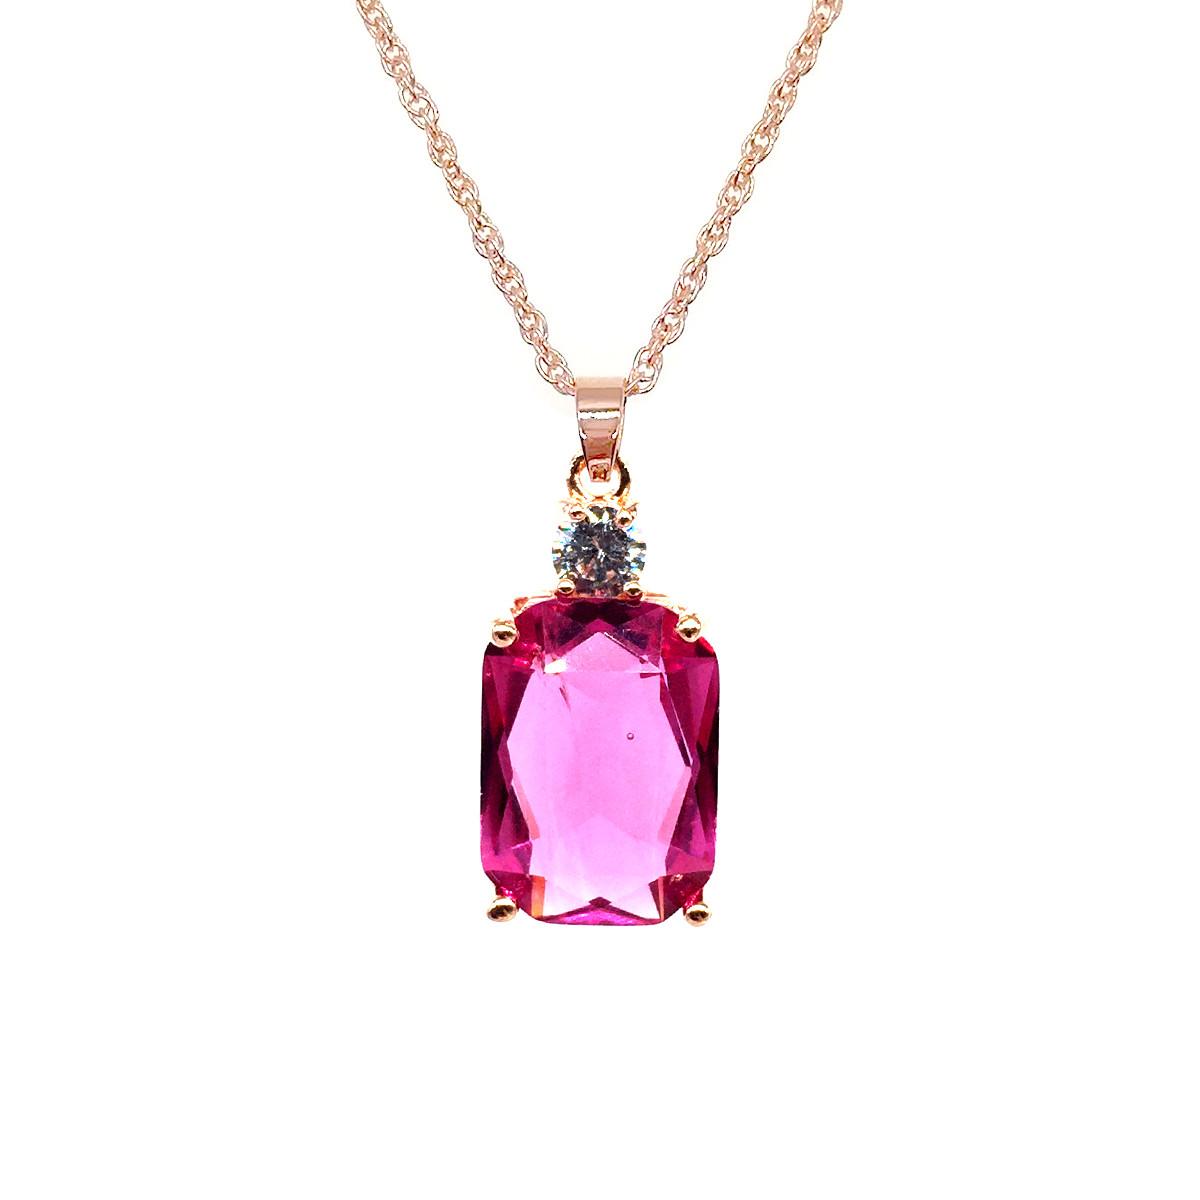 Подвеска на цепочке SONATA из медицинского золота, розовый фианит, позолота PO, 42102             (1)